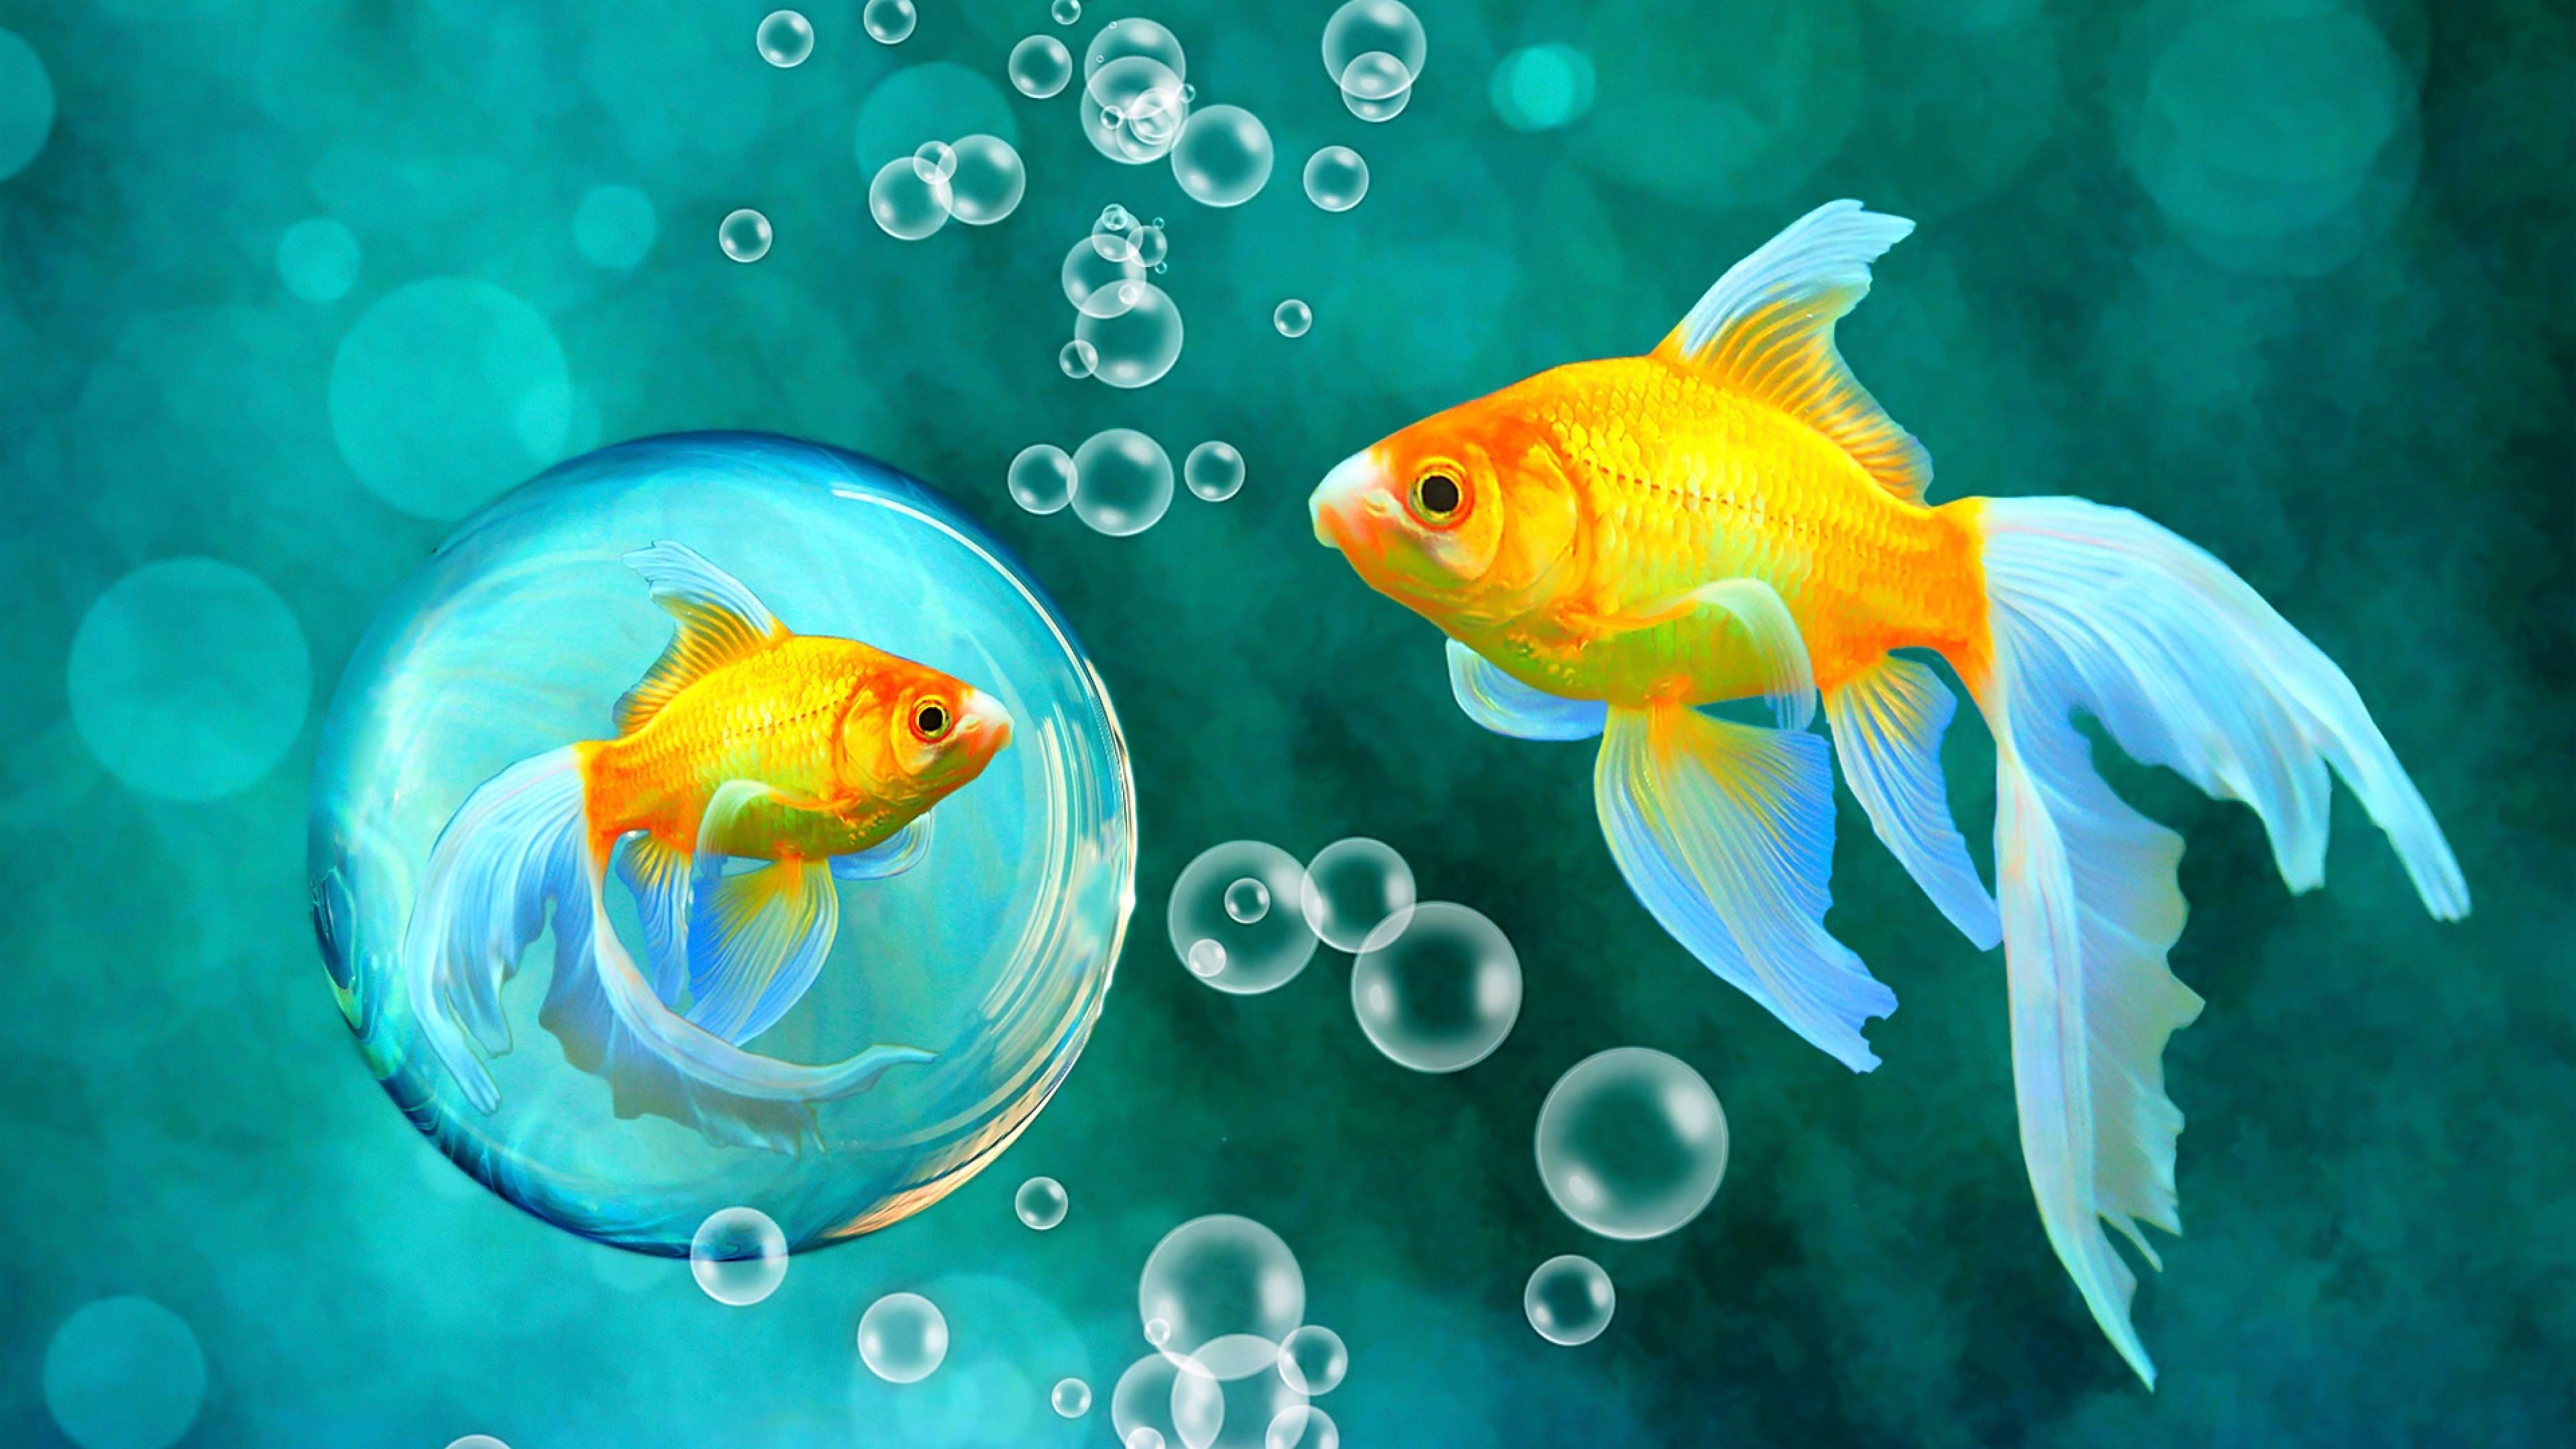 Обои На Рабочий Стол Рыбы